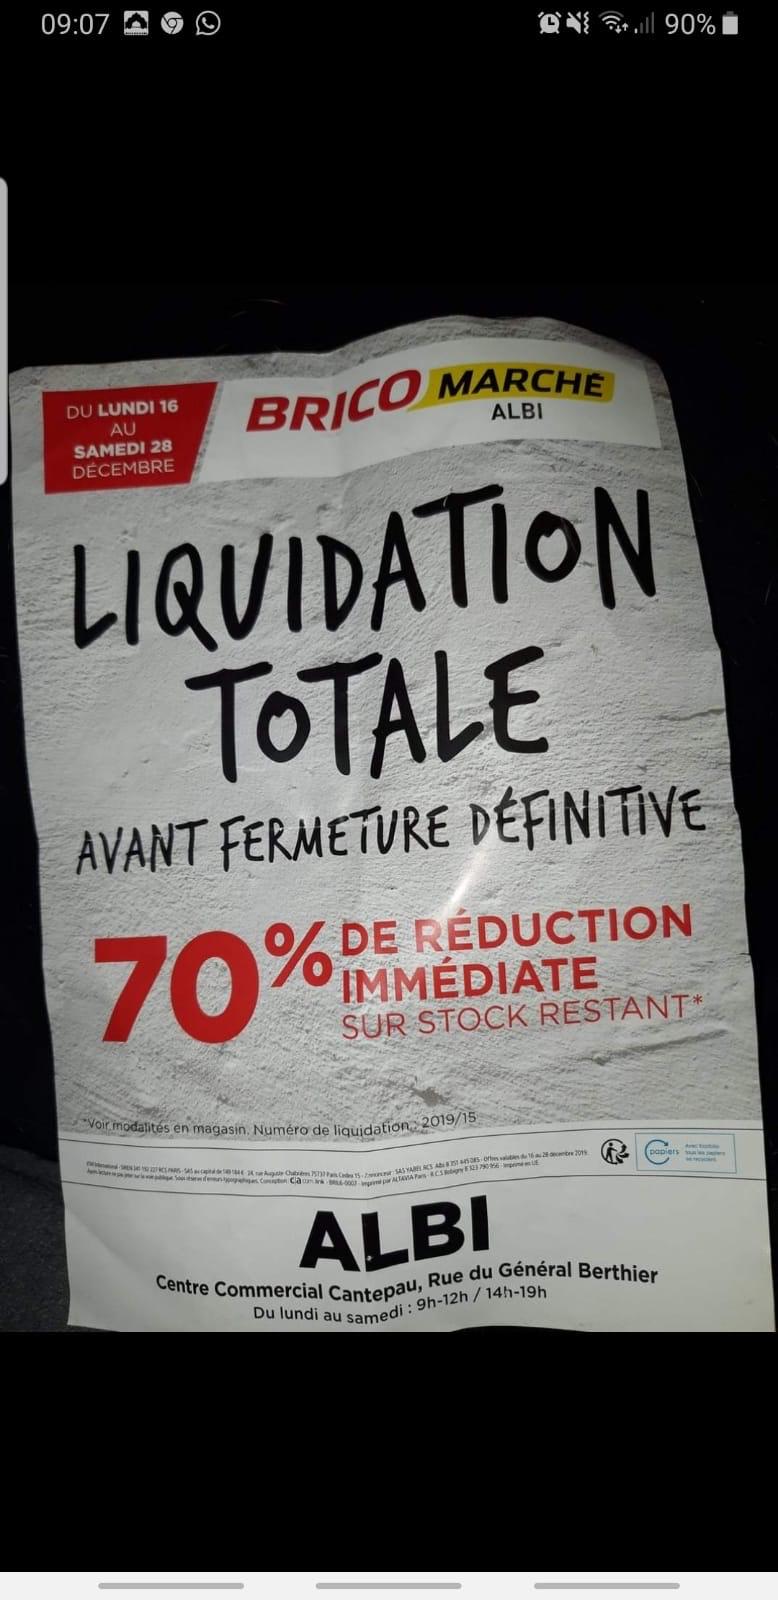 Liquidation totale avant fermeture -70 % sur le stock restant - Albi (81)